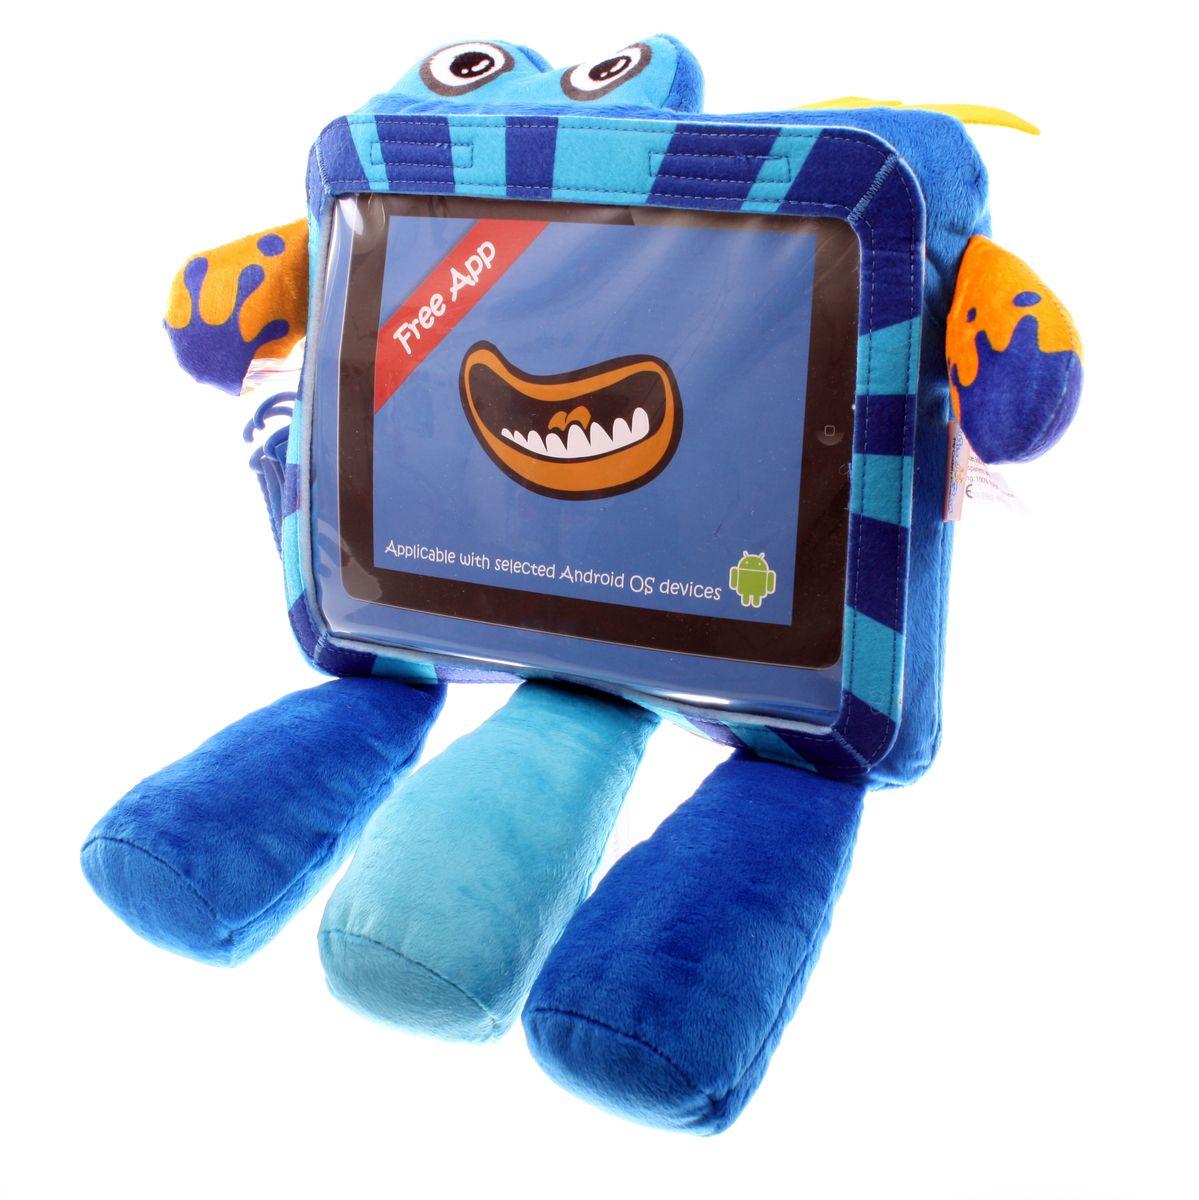 Wise Pet Мягкая игрушка Splashy с прозрачным карманом для планшета900004Вы когда-нибудь вступали в контакт с инопланетянами? Нет? Тогда у Вас есть уникальная возможность это сделать! И знаете, с ними есть о чем поговорить, а главное, это очень весело, особенно для детей, которые с огромным удовольствием будут играть и общаться с этим симпатичным инопланетянином! Чтобы перевести его речь, Вам потребуется ваш iPhone и бесплатное приложение Wise Pet. Вставьте гаджет в прозрачный кармашек игрушке, запустите приложение и веселитесь вместе с детьми! Благодаря этому приложению, инопланетянин будет повторять все, что Вы или Ваш ребенок скажете ему, при этом шевеля мультяшным ртом, либо расскажет сказку, которую Вы можете записать самостоятельно. В приложении есть множество различных мордашек, которые можно менять. Когда инопланетянин повторяет сказанные фразы, он шевелит ртом. Наговорившись, этот инопланетянин с удовольствием покажет Вашему ребенку мультики или сыграет с ним в игры, которые припас для него. Эту игрушку можно также прикрепить к спинке...